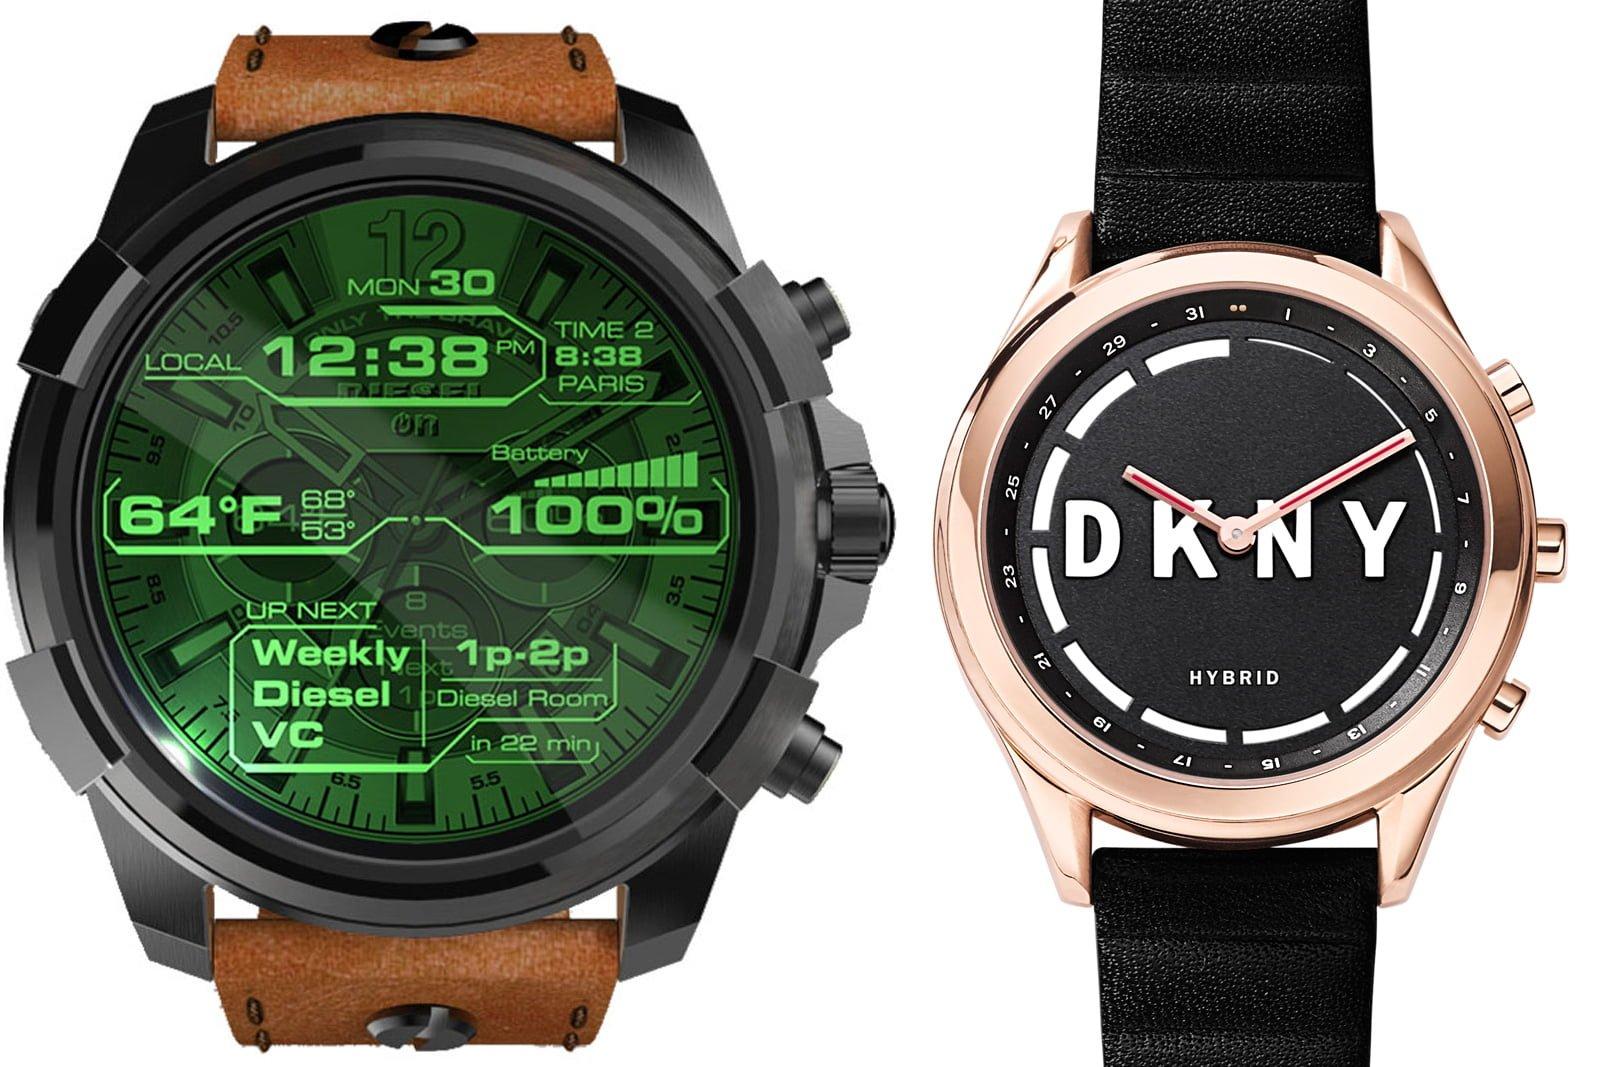 Fossil wprowadzi w tym roku na rynek aż TRZYSTA smartwatchy 31